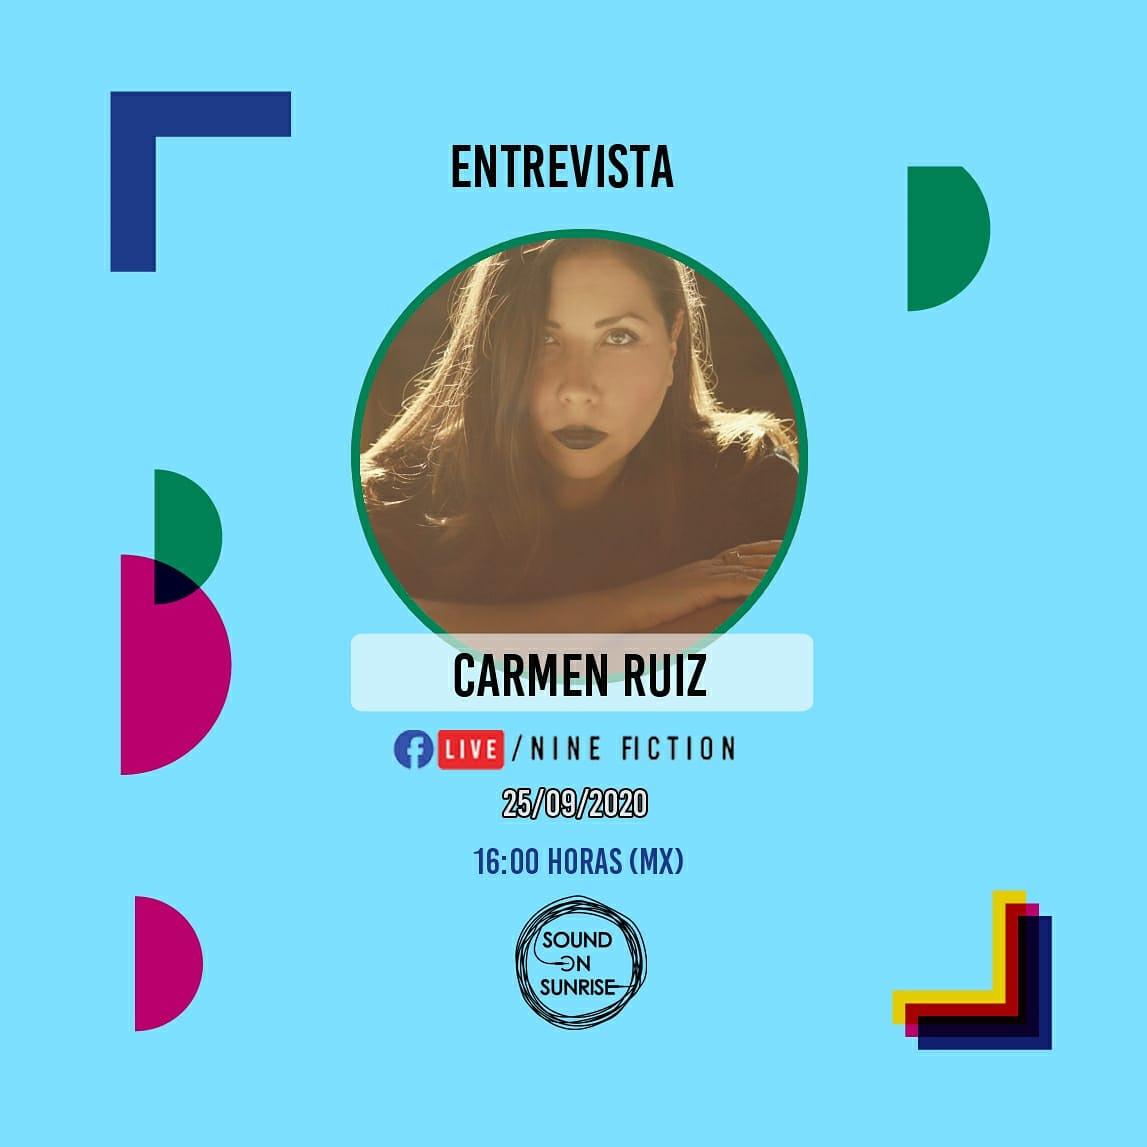 Hoy viernes 25 de septiembre a partir de las 16:00 horas tendremos entrevista previo a las sesiones musicales de Sound on Sunrise. Te esperamos para platicar con @carmenruizmx , compositora, música y cantante mexicana. Escucha la entrevista por el Facebook Live de @ninefiction https://t.co/qJVVeb7Ugu